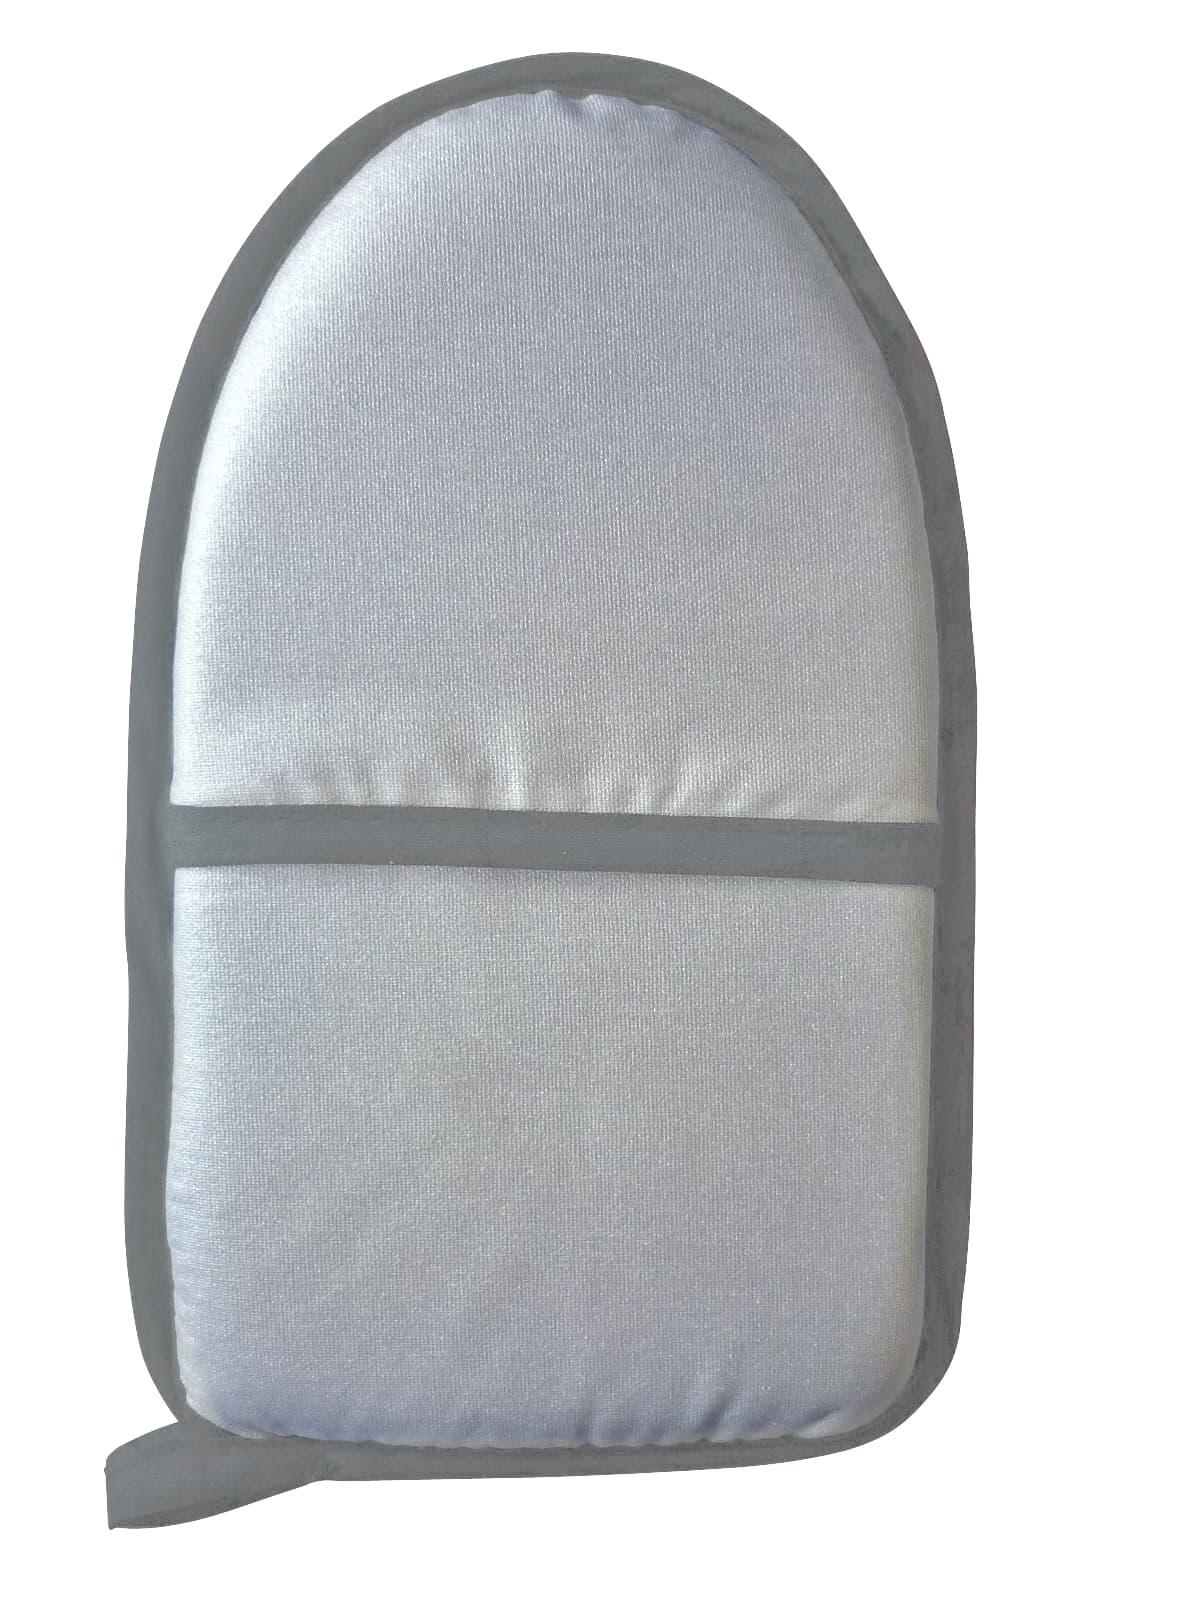 Manusa pentru calcat din poliester, Cushion Gri, L24xl15 cm imagine